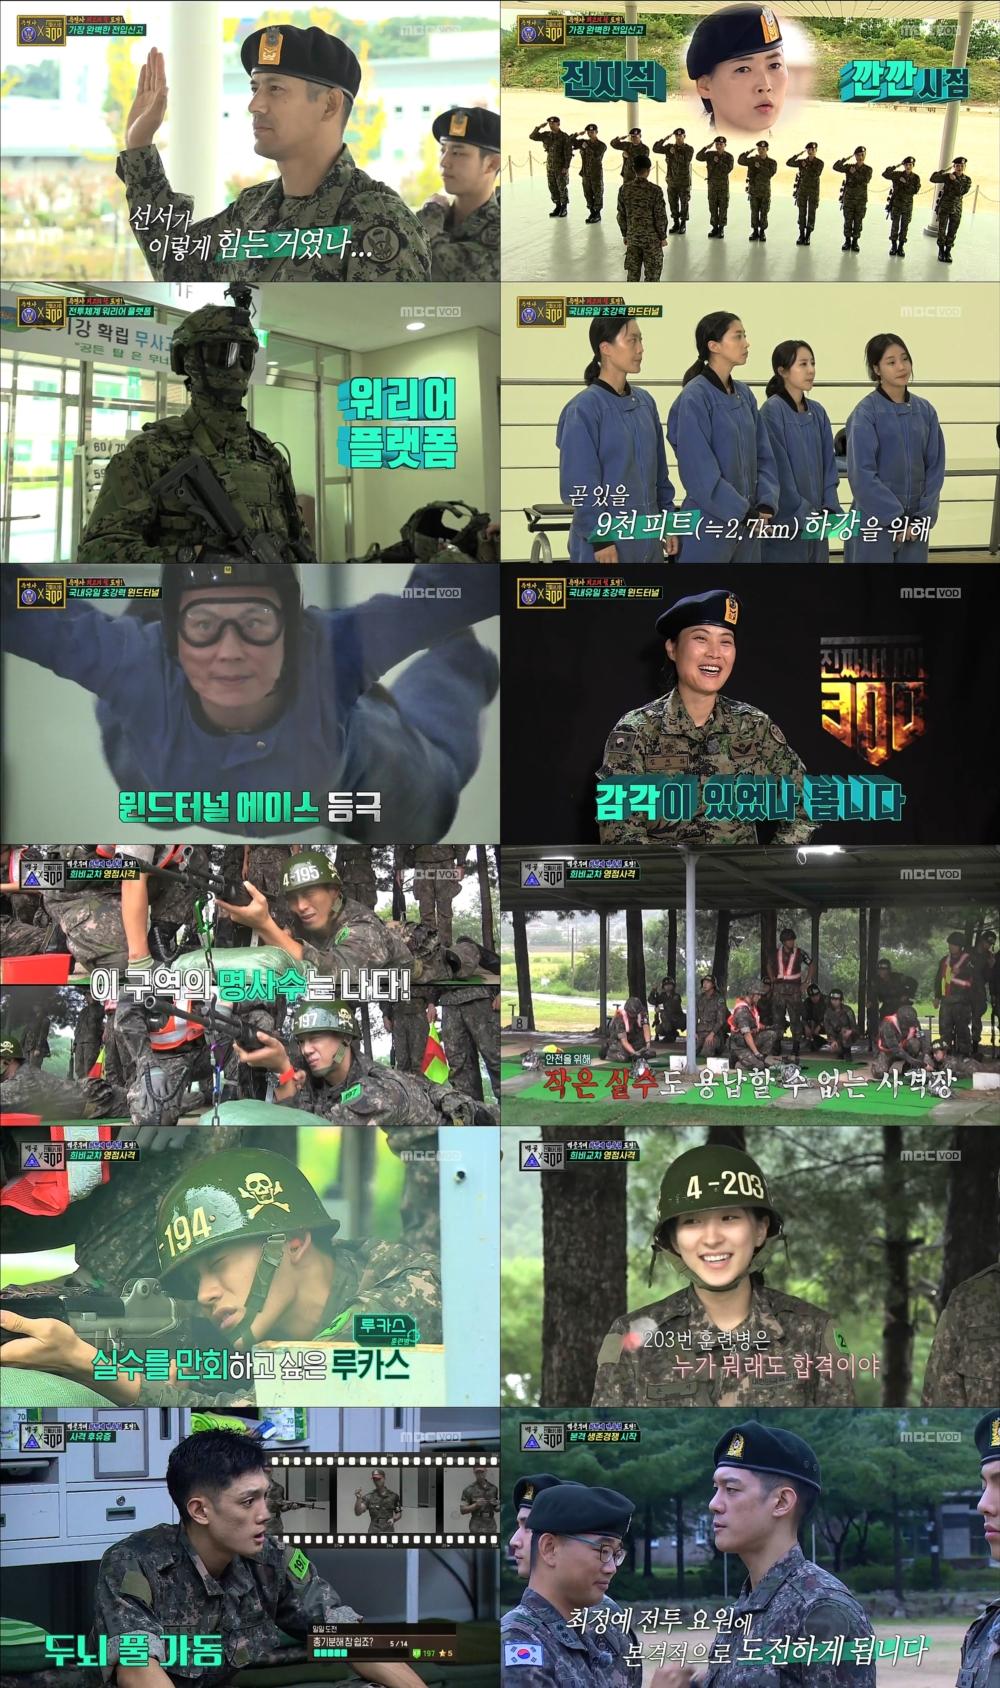 '진짜사나이300' 김재화-루카스, '윈드터널-영점사격'에서 위기 봉착했지만 끝내 극복!